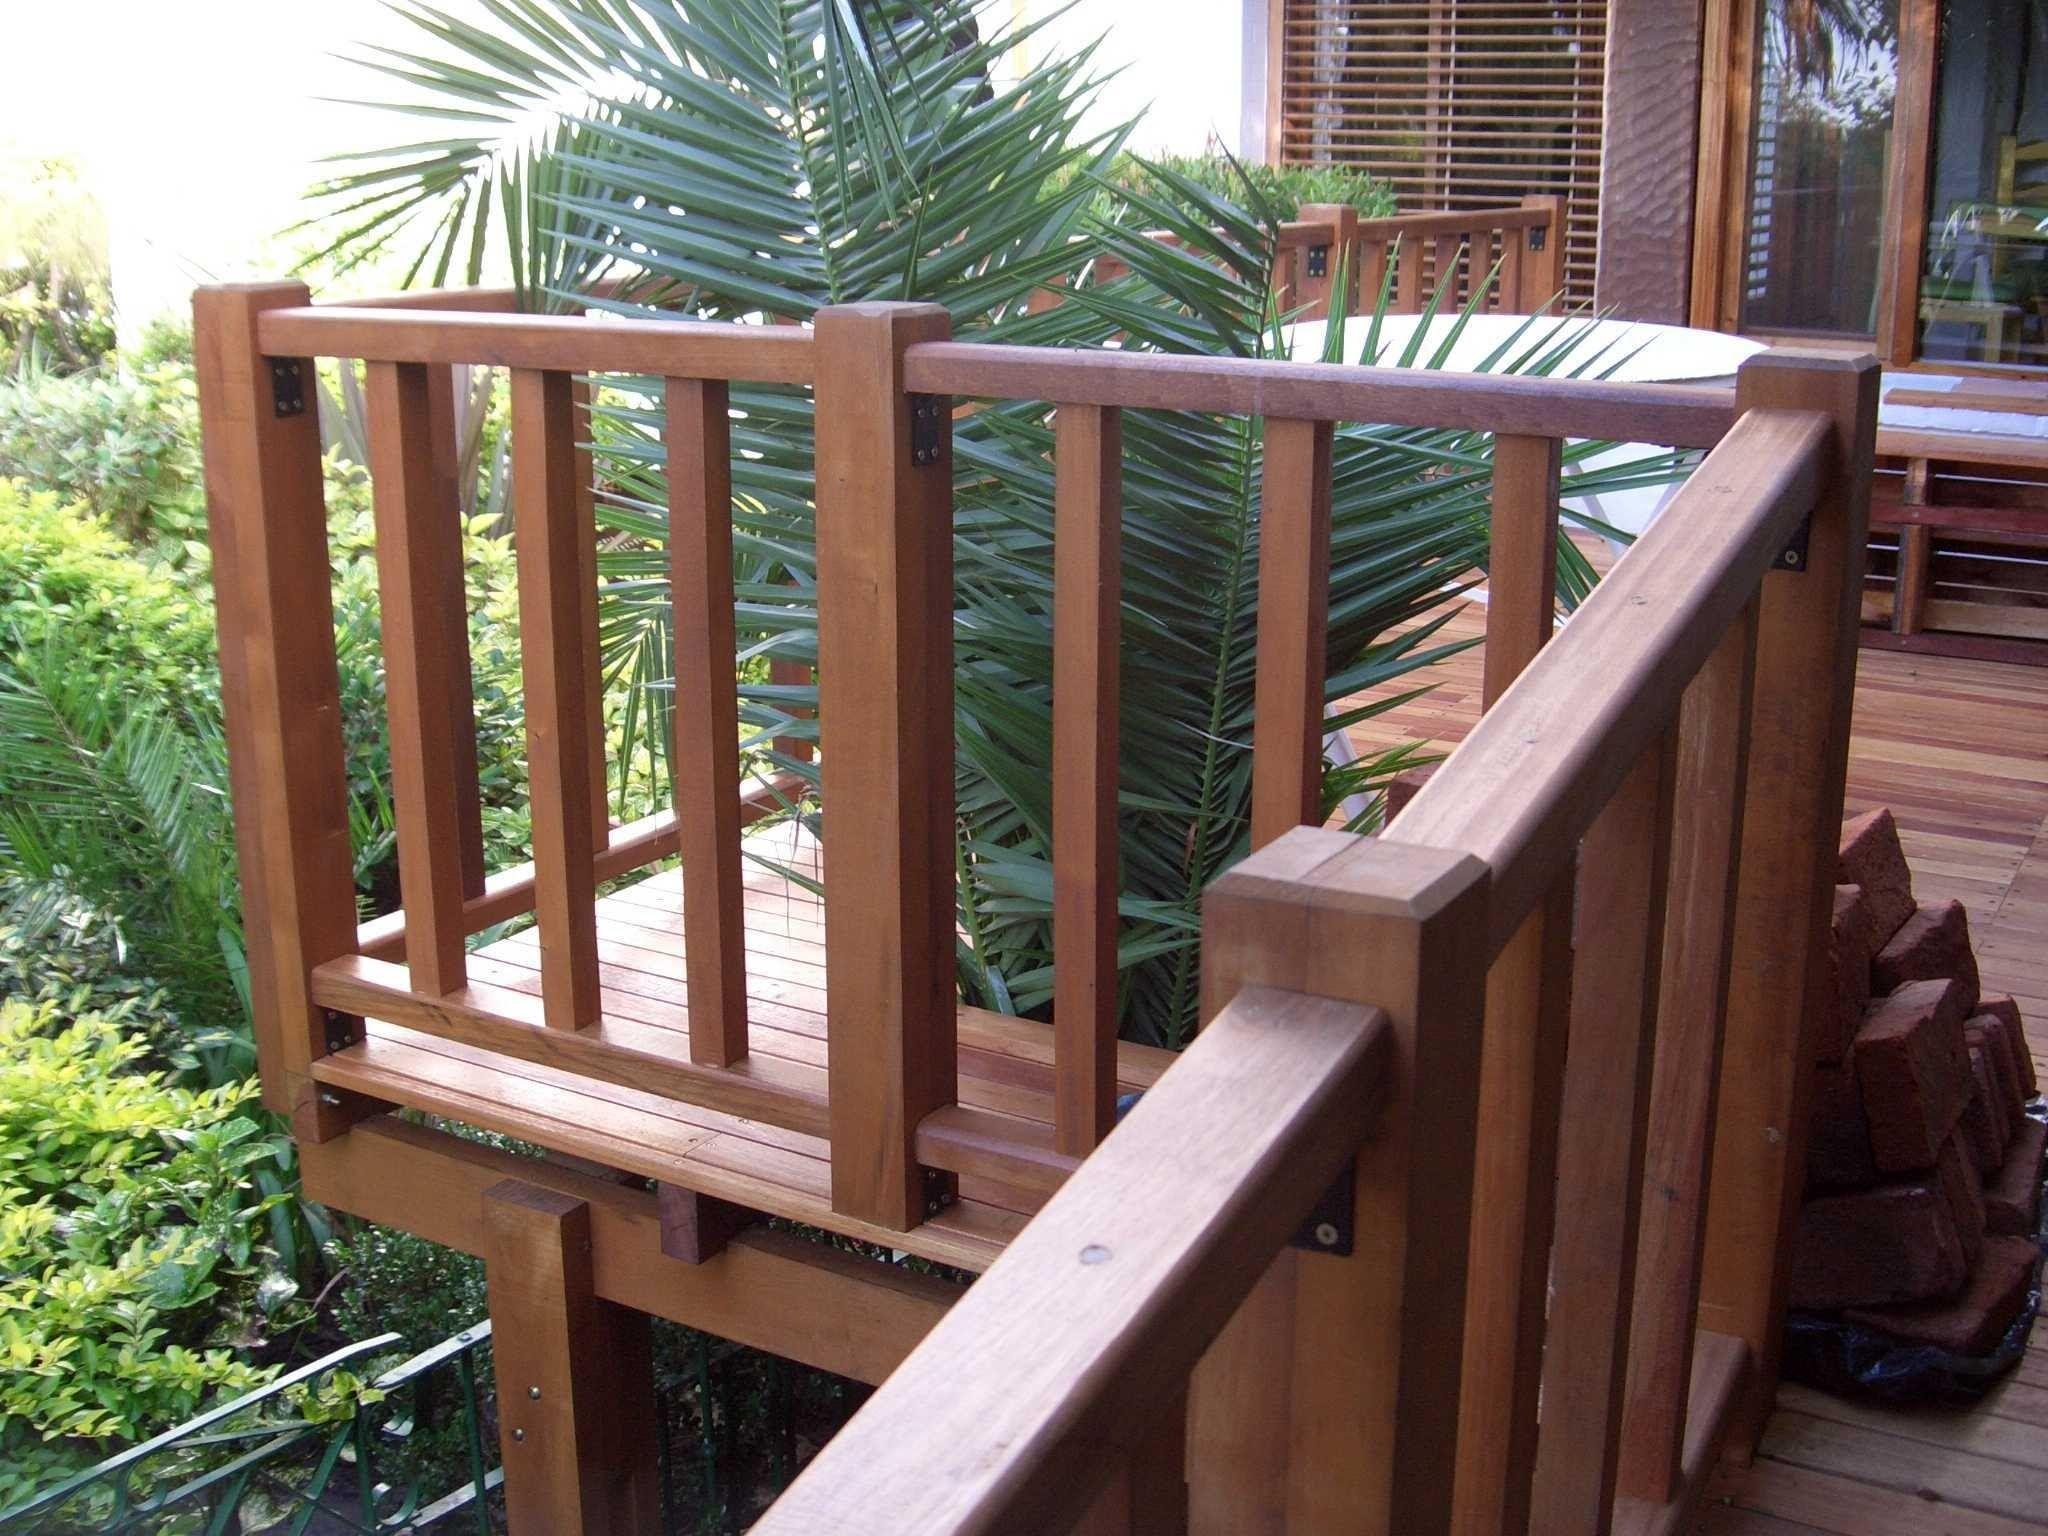 Barandillas para terrazas top barandilla de acero inoxidable con paneles de vidrio de exterior - Barandas de terrazas ...